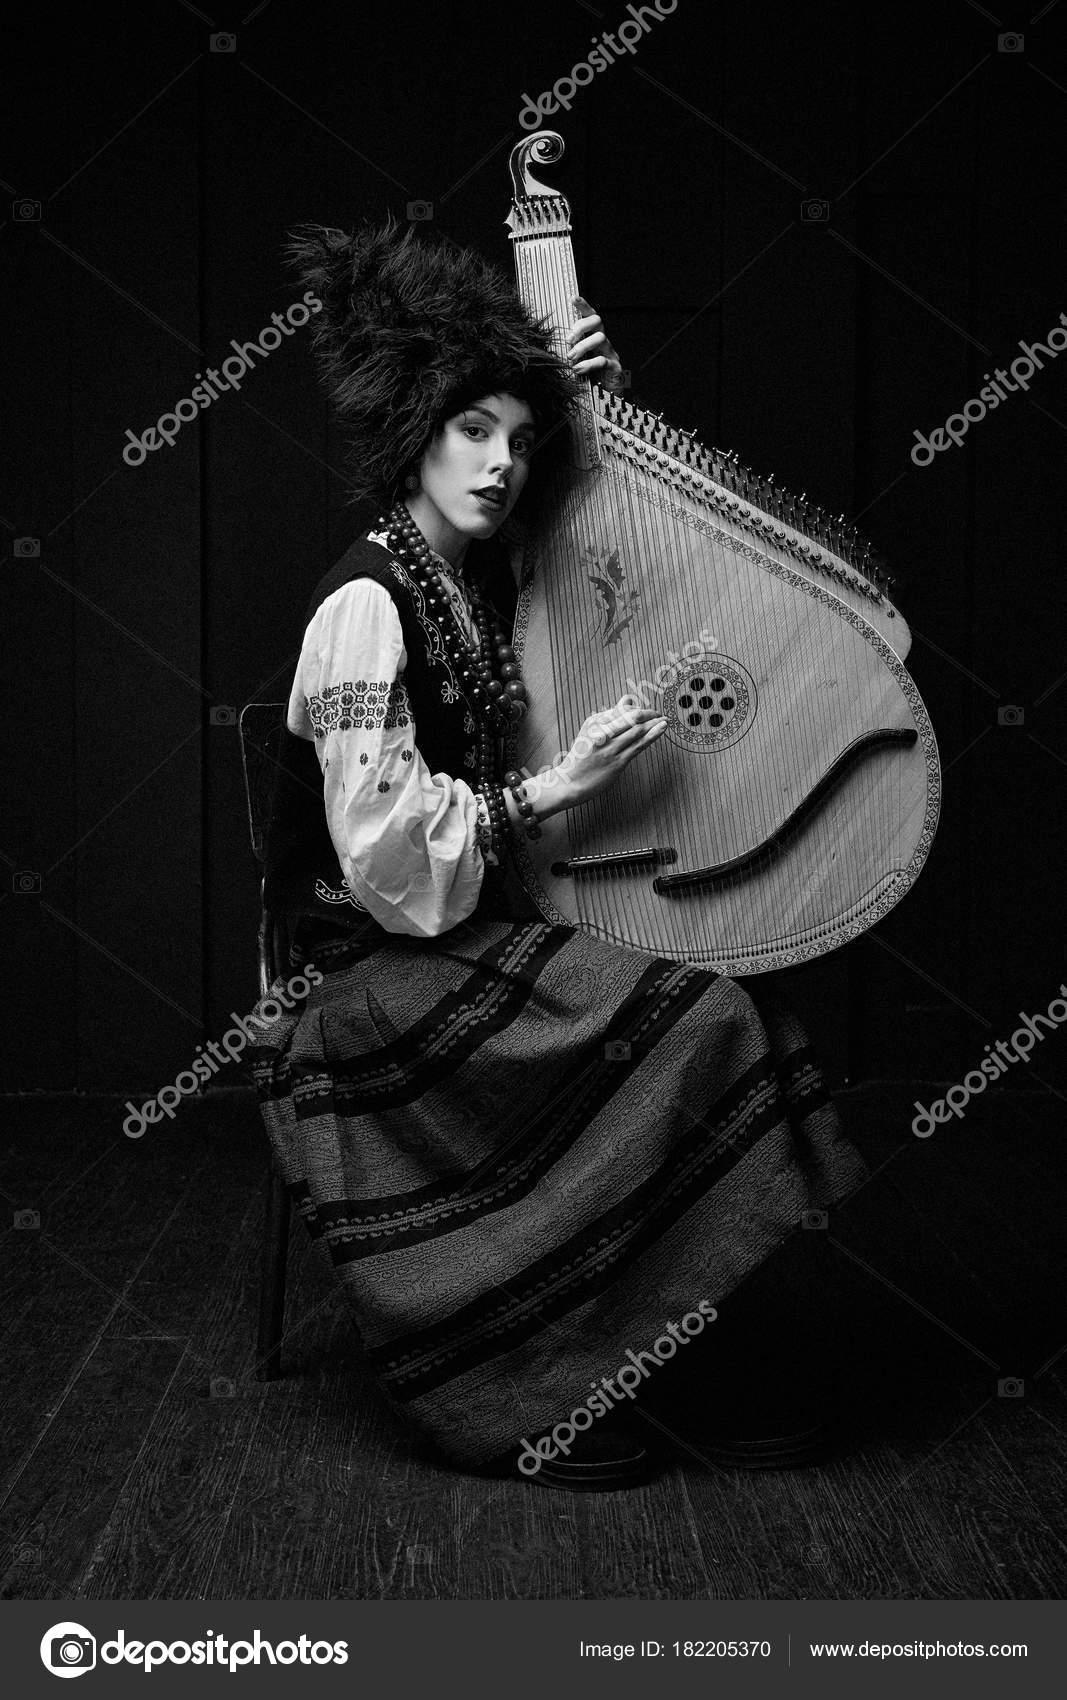 cc8e17713397 Gorgeouns Giovane Donna Costume Tradizionale Ucraino Con Bandura Nell  Ucraino– immagine stock